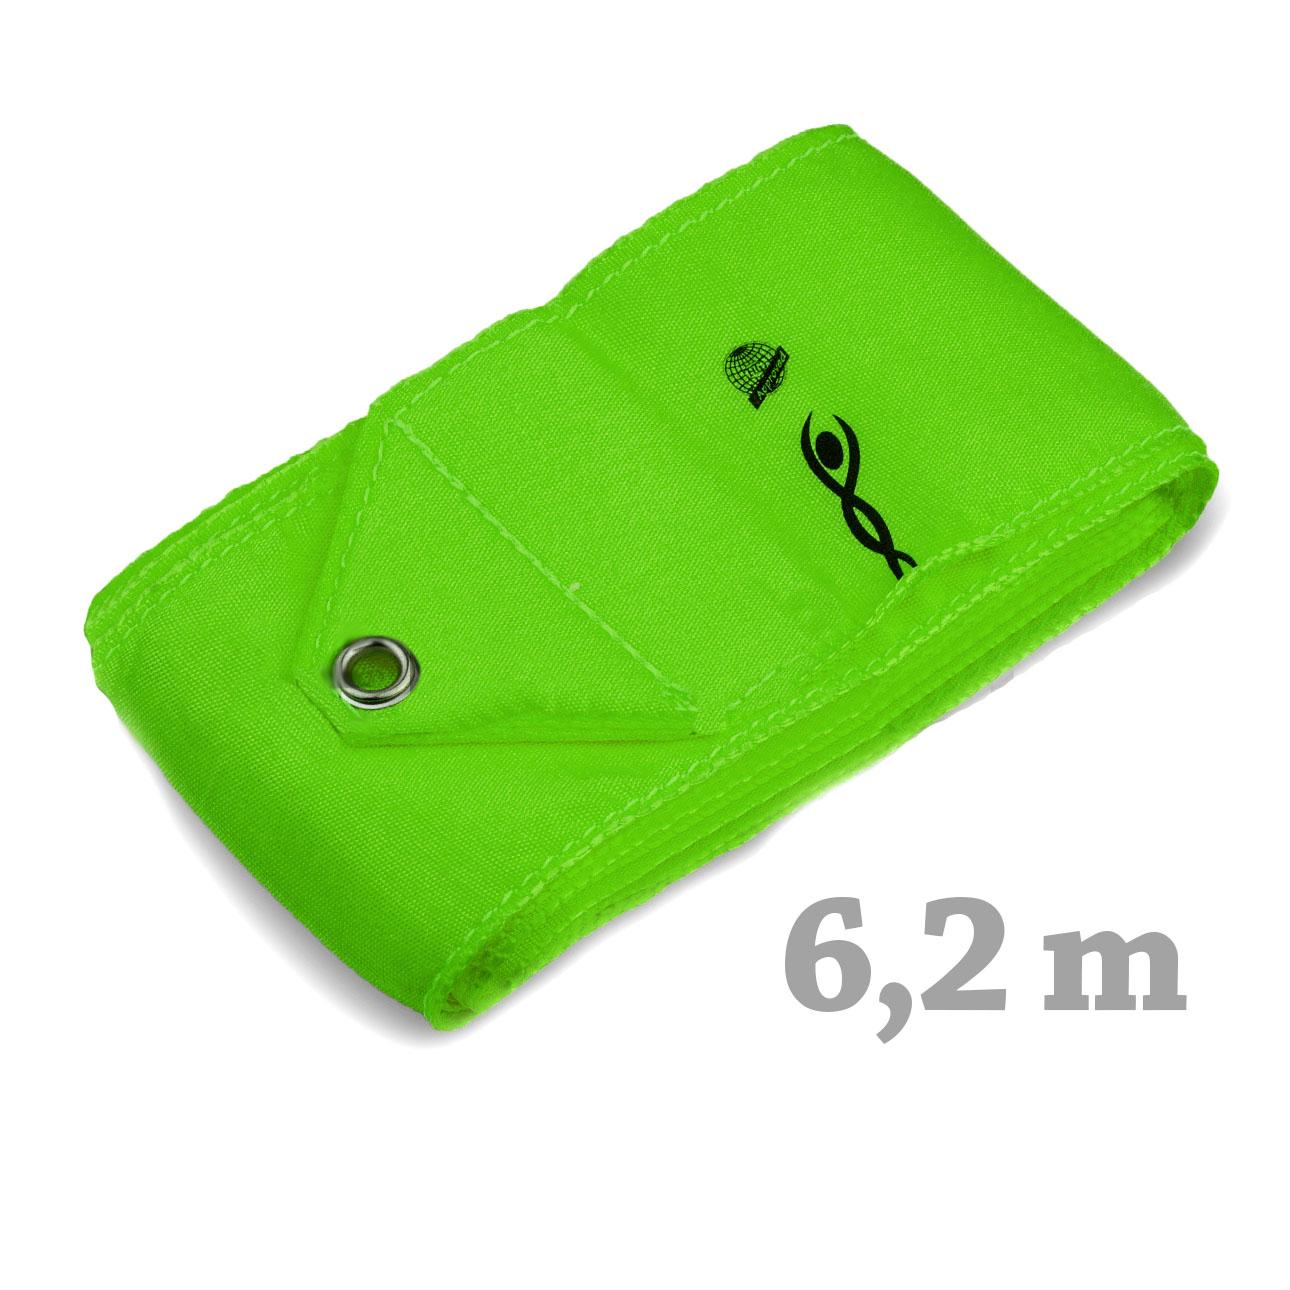 Cinta Gimnasia rítmica marca VNT (cert. FIG) Verde neón 6,2 m RIB616-113